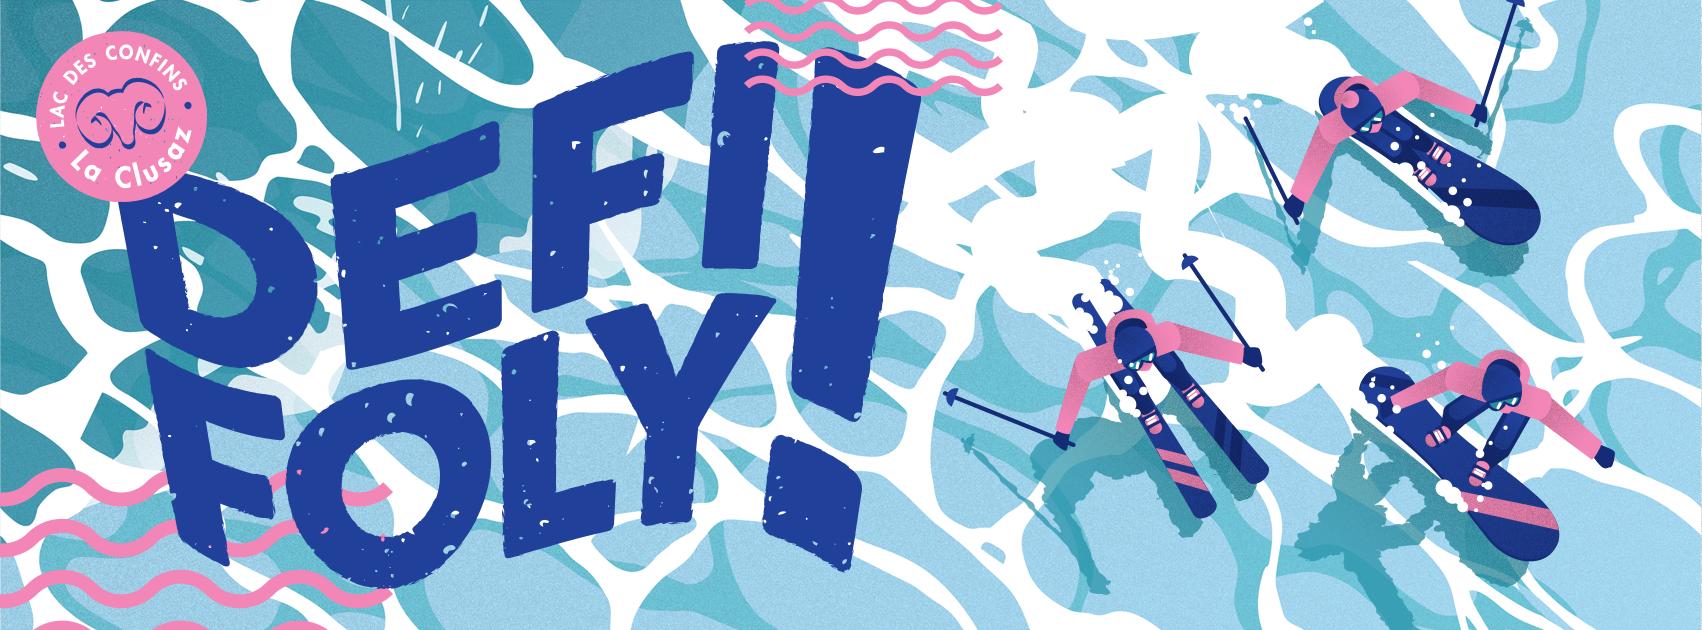 Défi Foly | Waterslide la clusaz | Lac des Confins